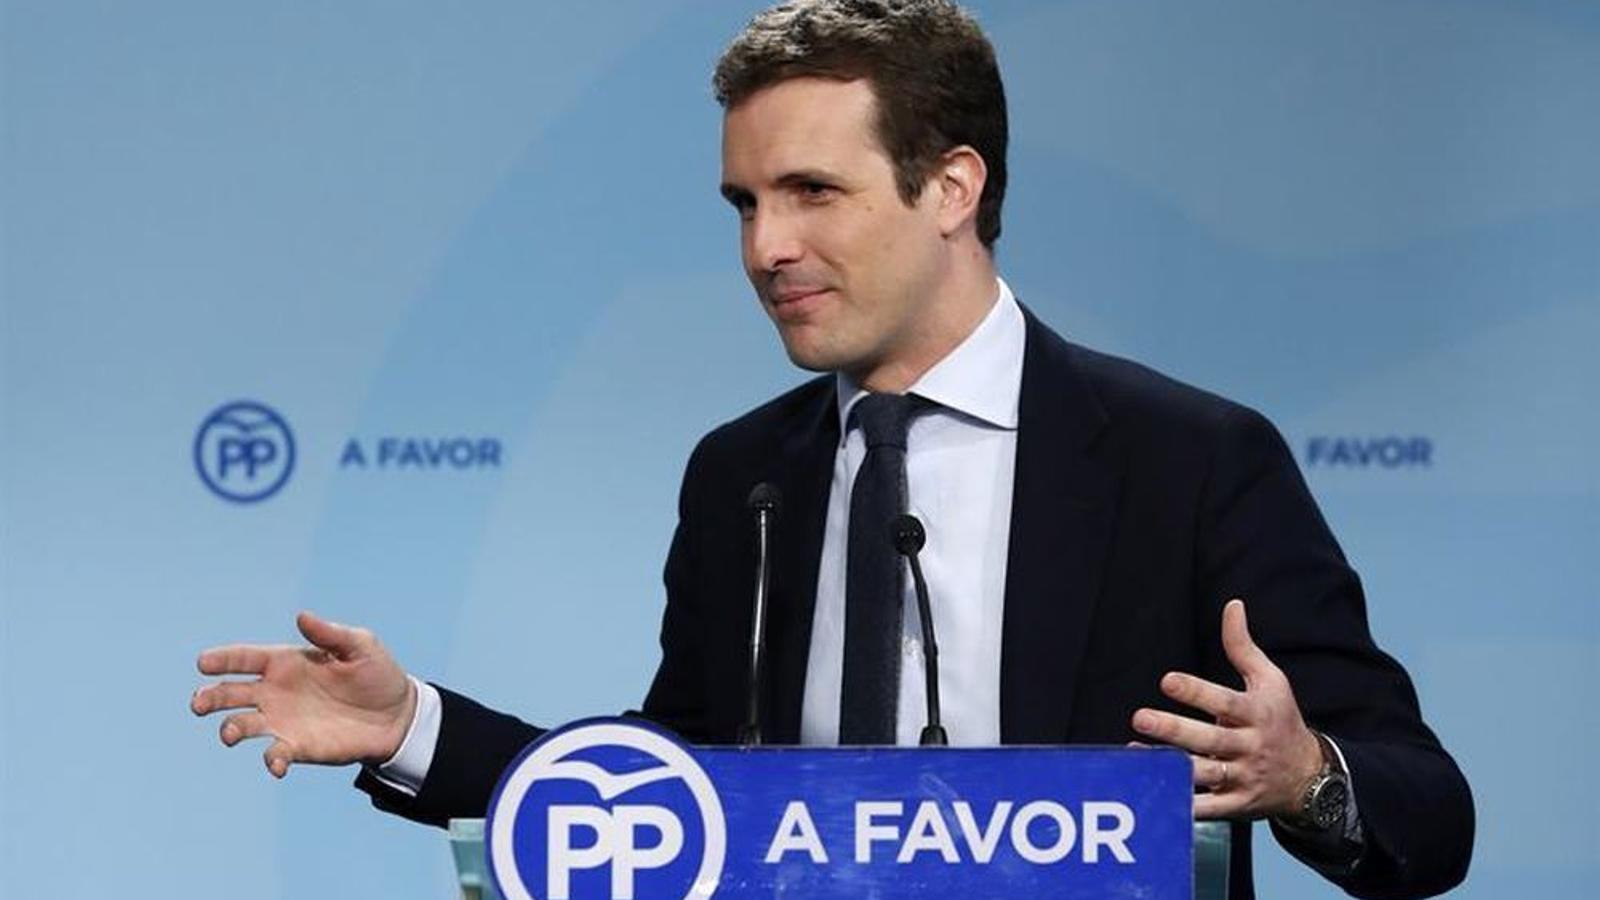 El vicesecretari de comunicació del PP, Pablo Casado